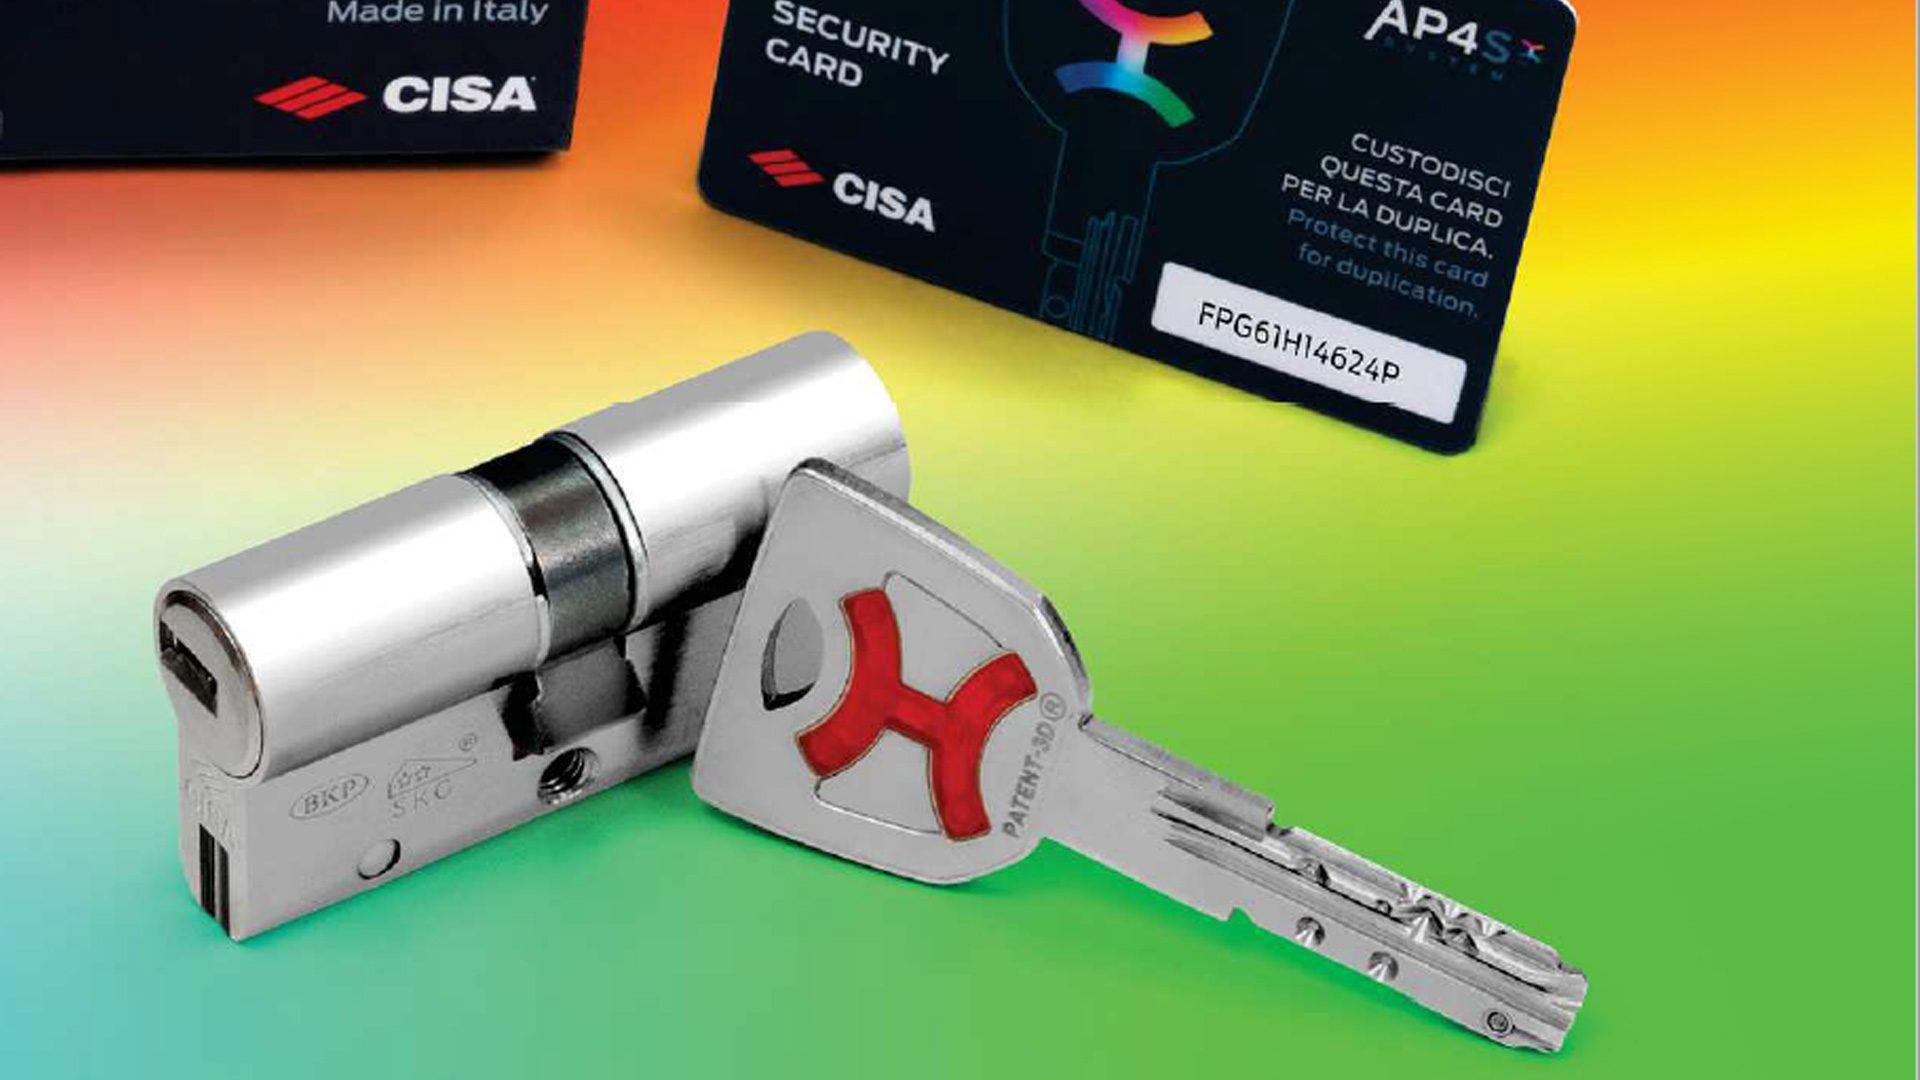 Il nuovo cilindro AP4S Cisa per la sicurezza della tua casa